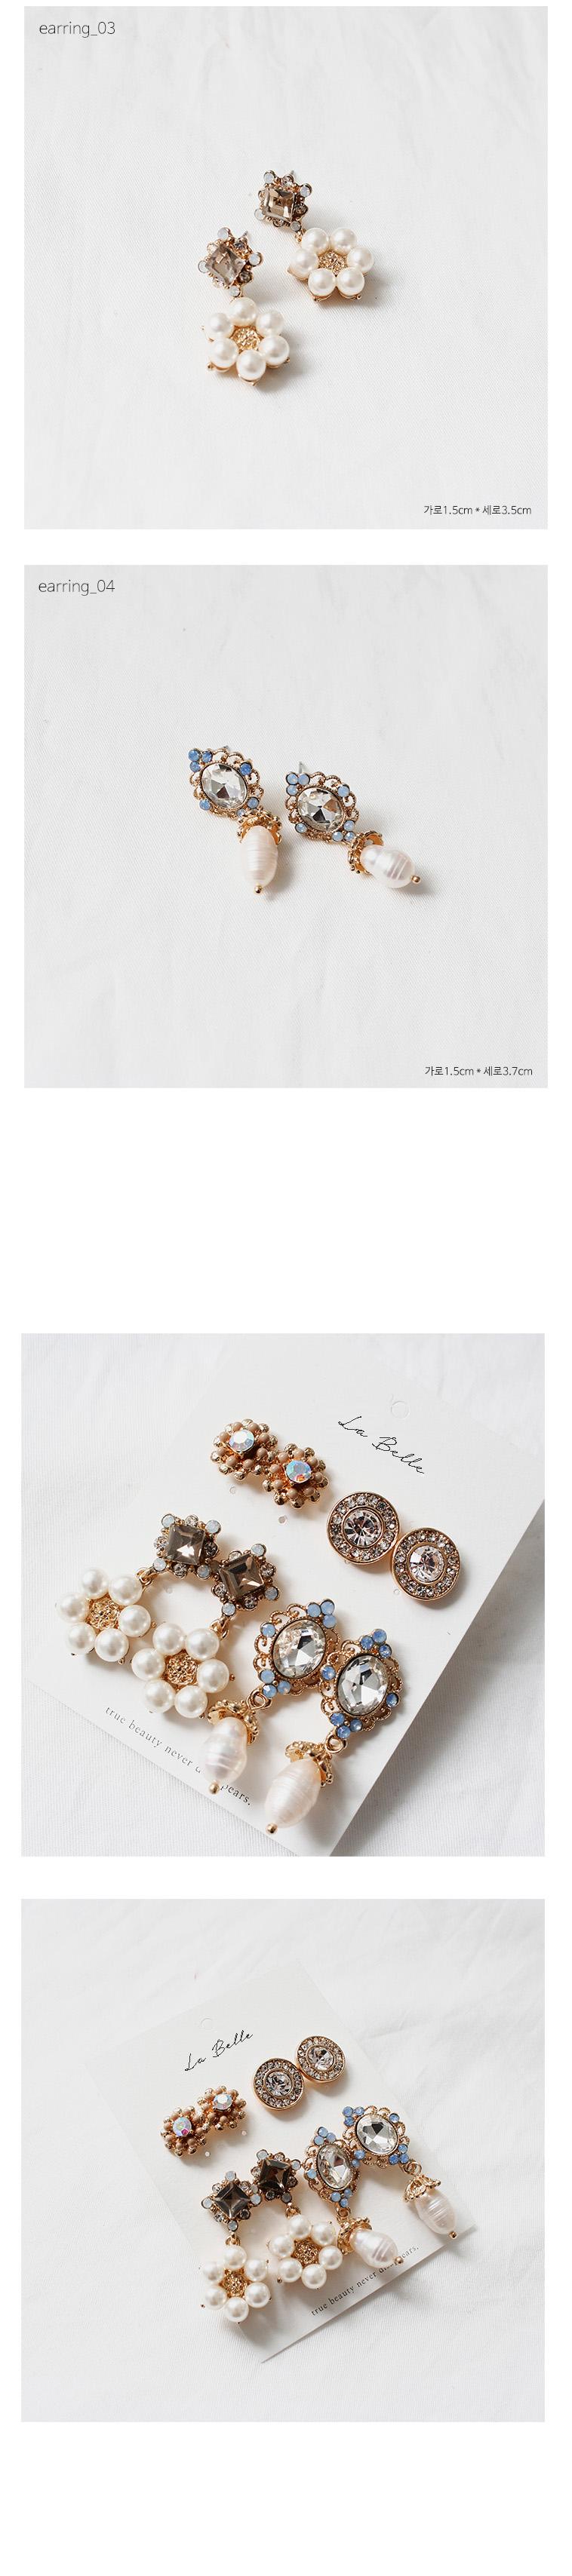 벨라 엔틱 귀걸이SET(무니켈침) - 라벨르, 20,000원, 골드, 볼/미니귀걸이